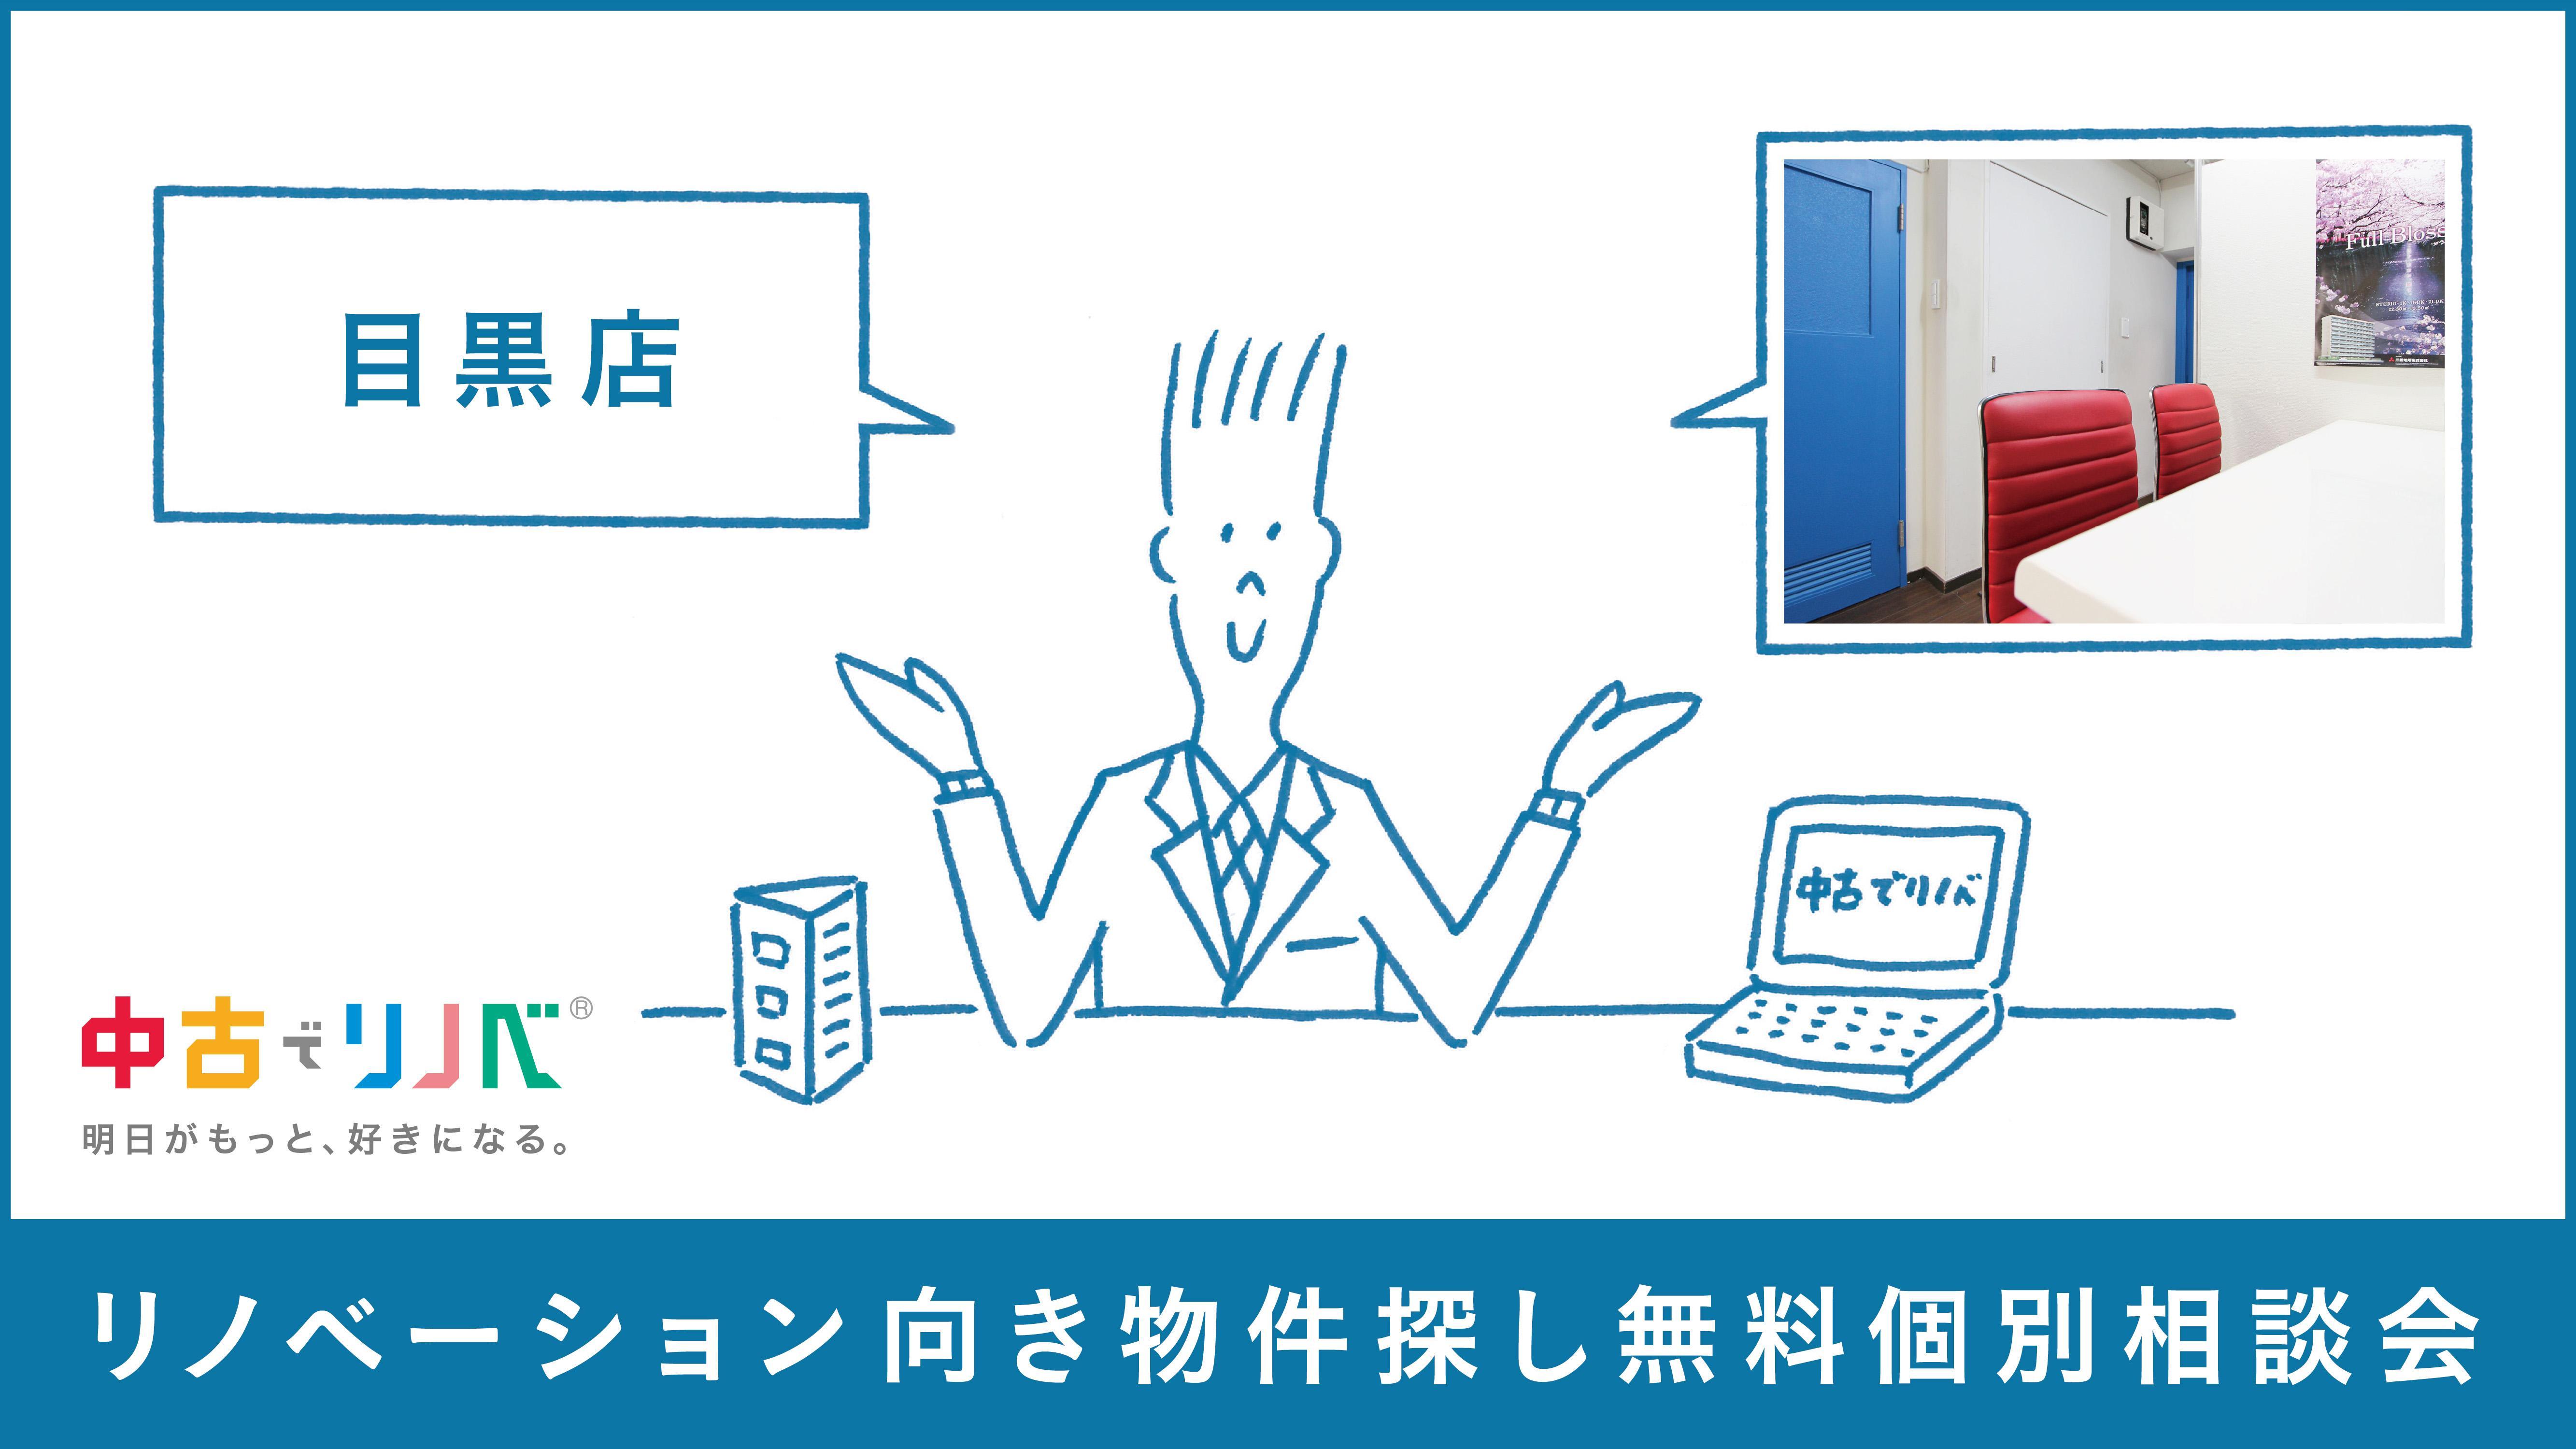 【1/13(土)14(日) in目黒】リノベーション向き物件探し無料個別相談会